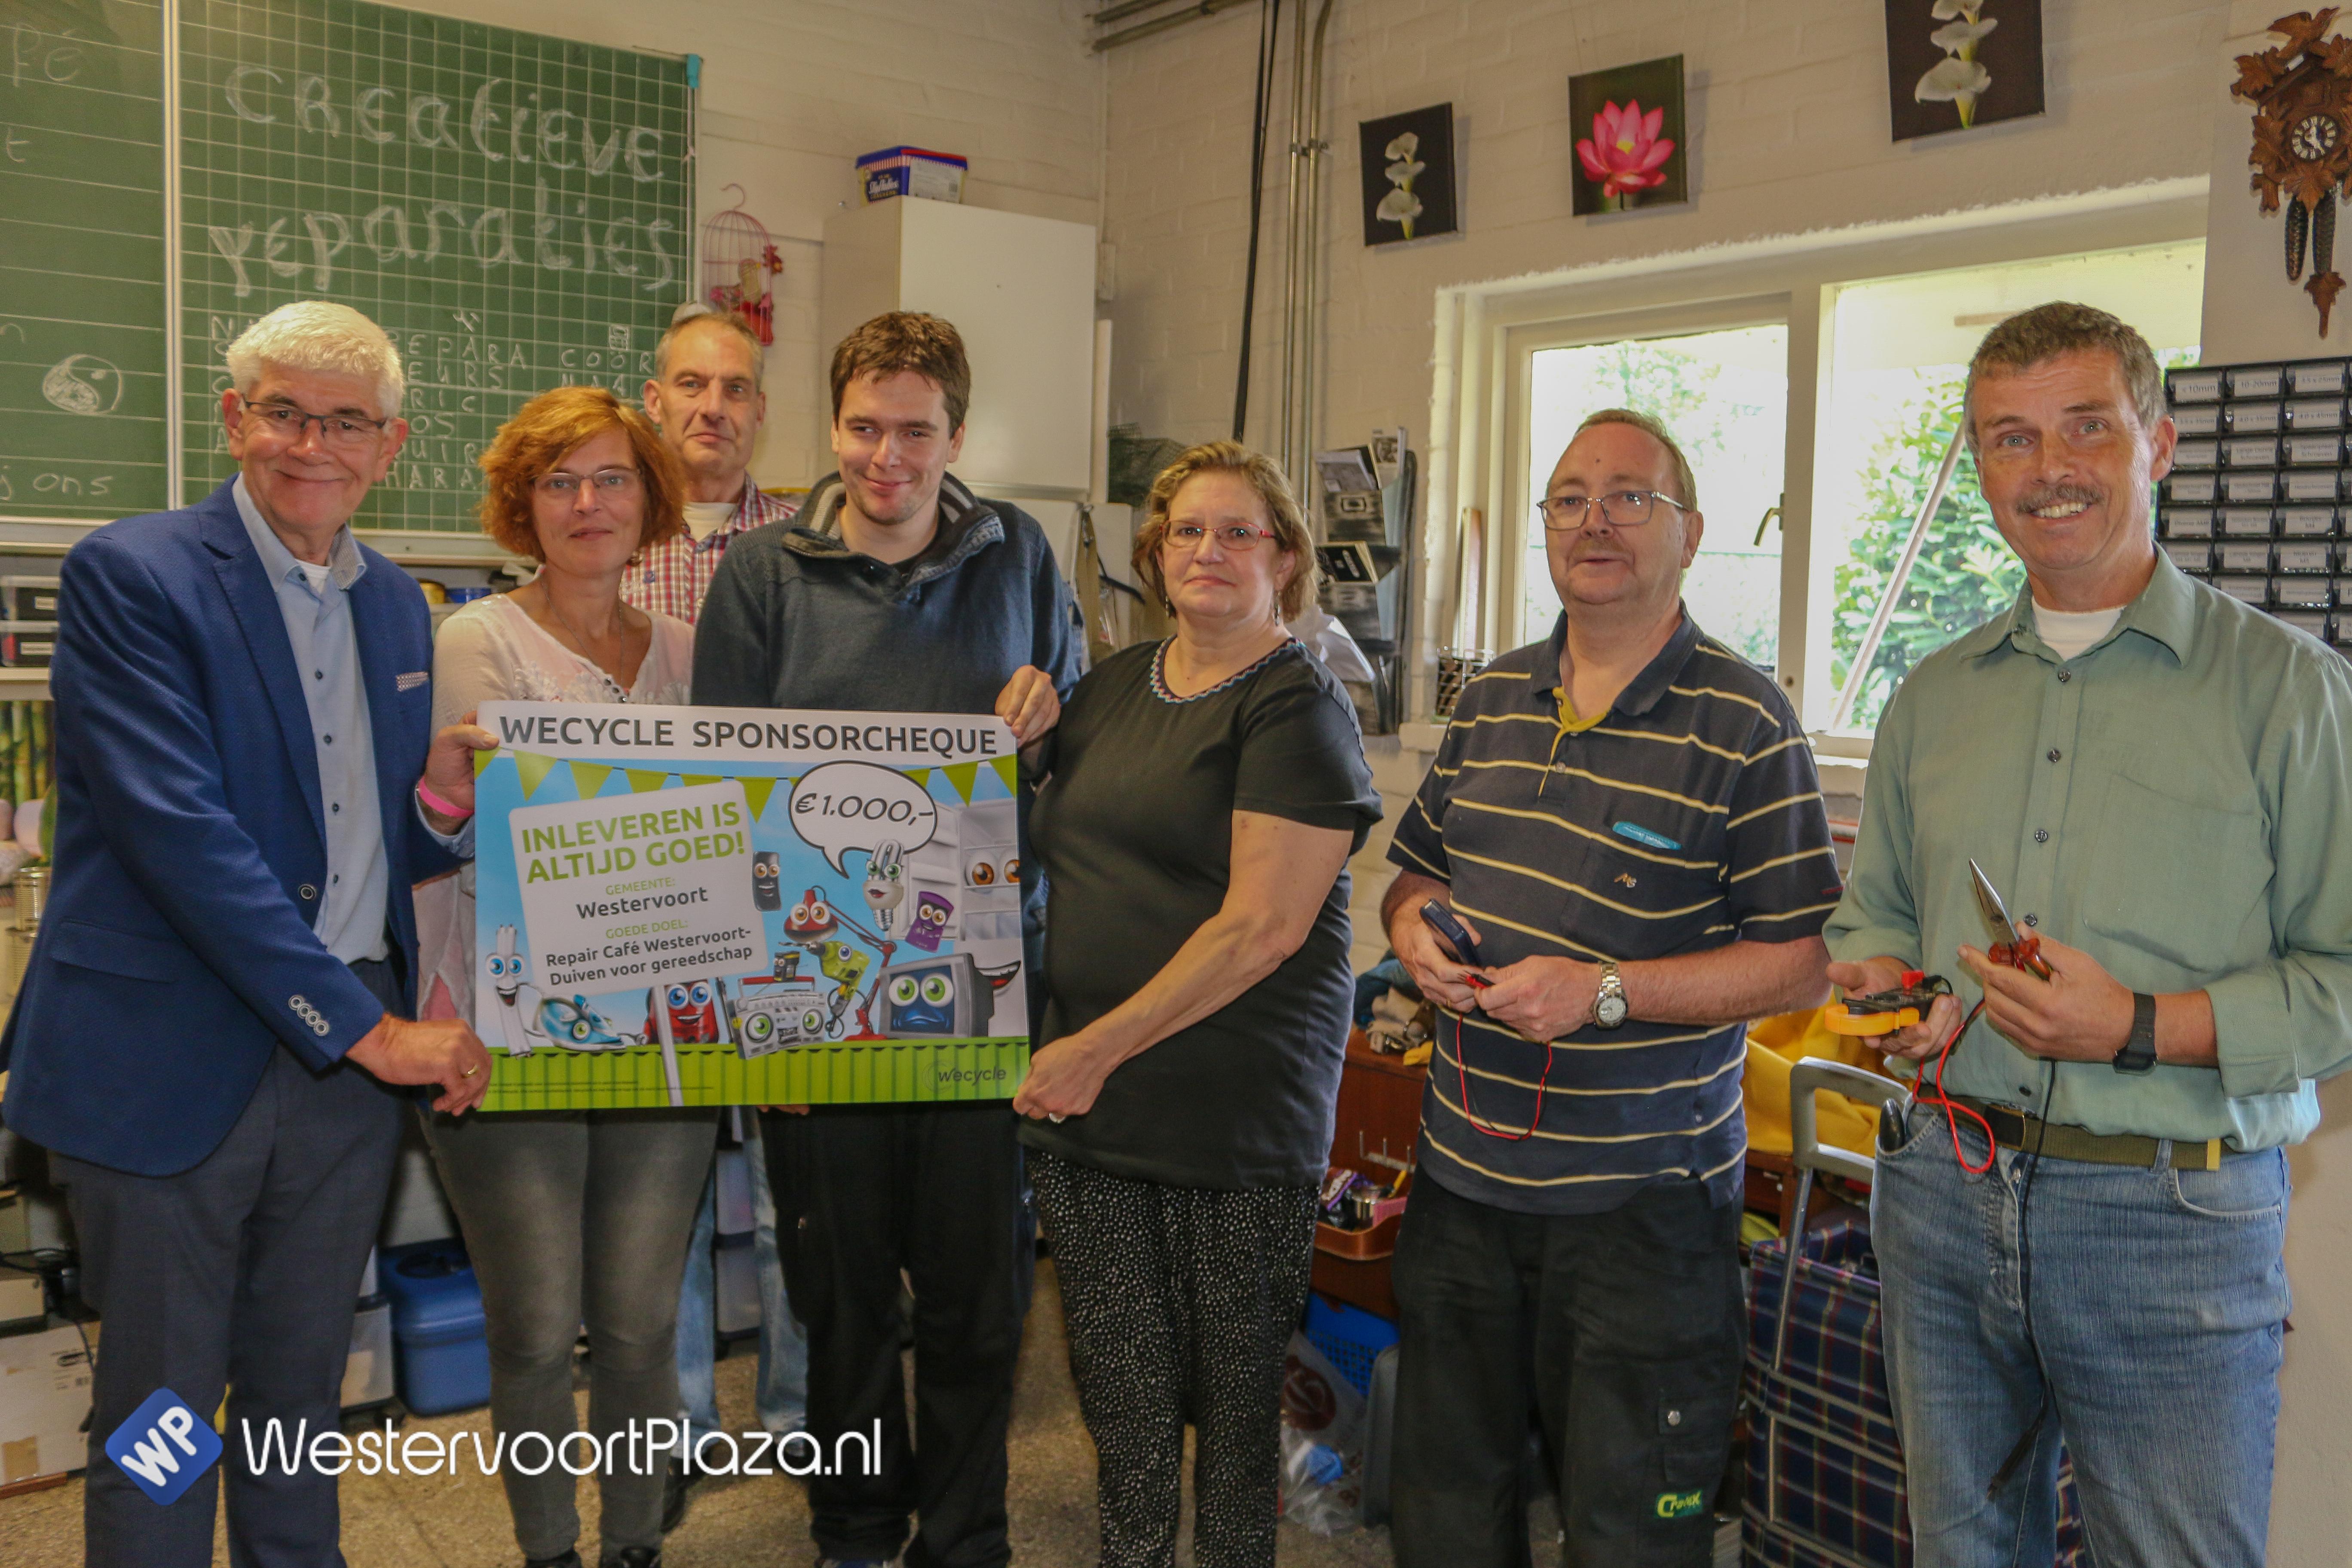 Repair Café Westervoort-Duiven wint 1.000 euro met inzamelactie elektrische apparaten